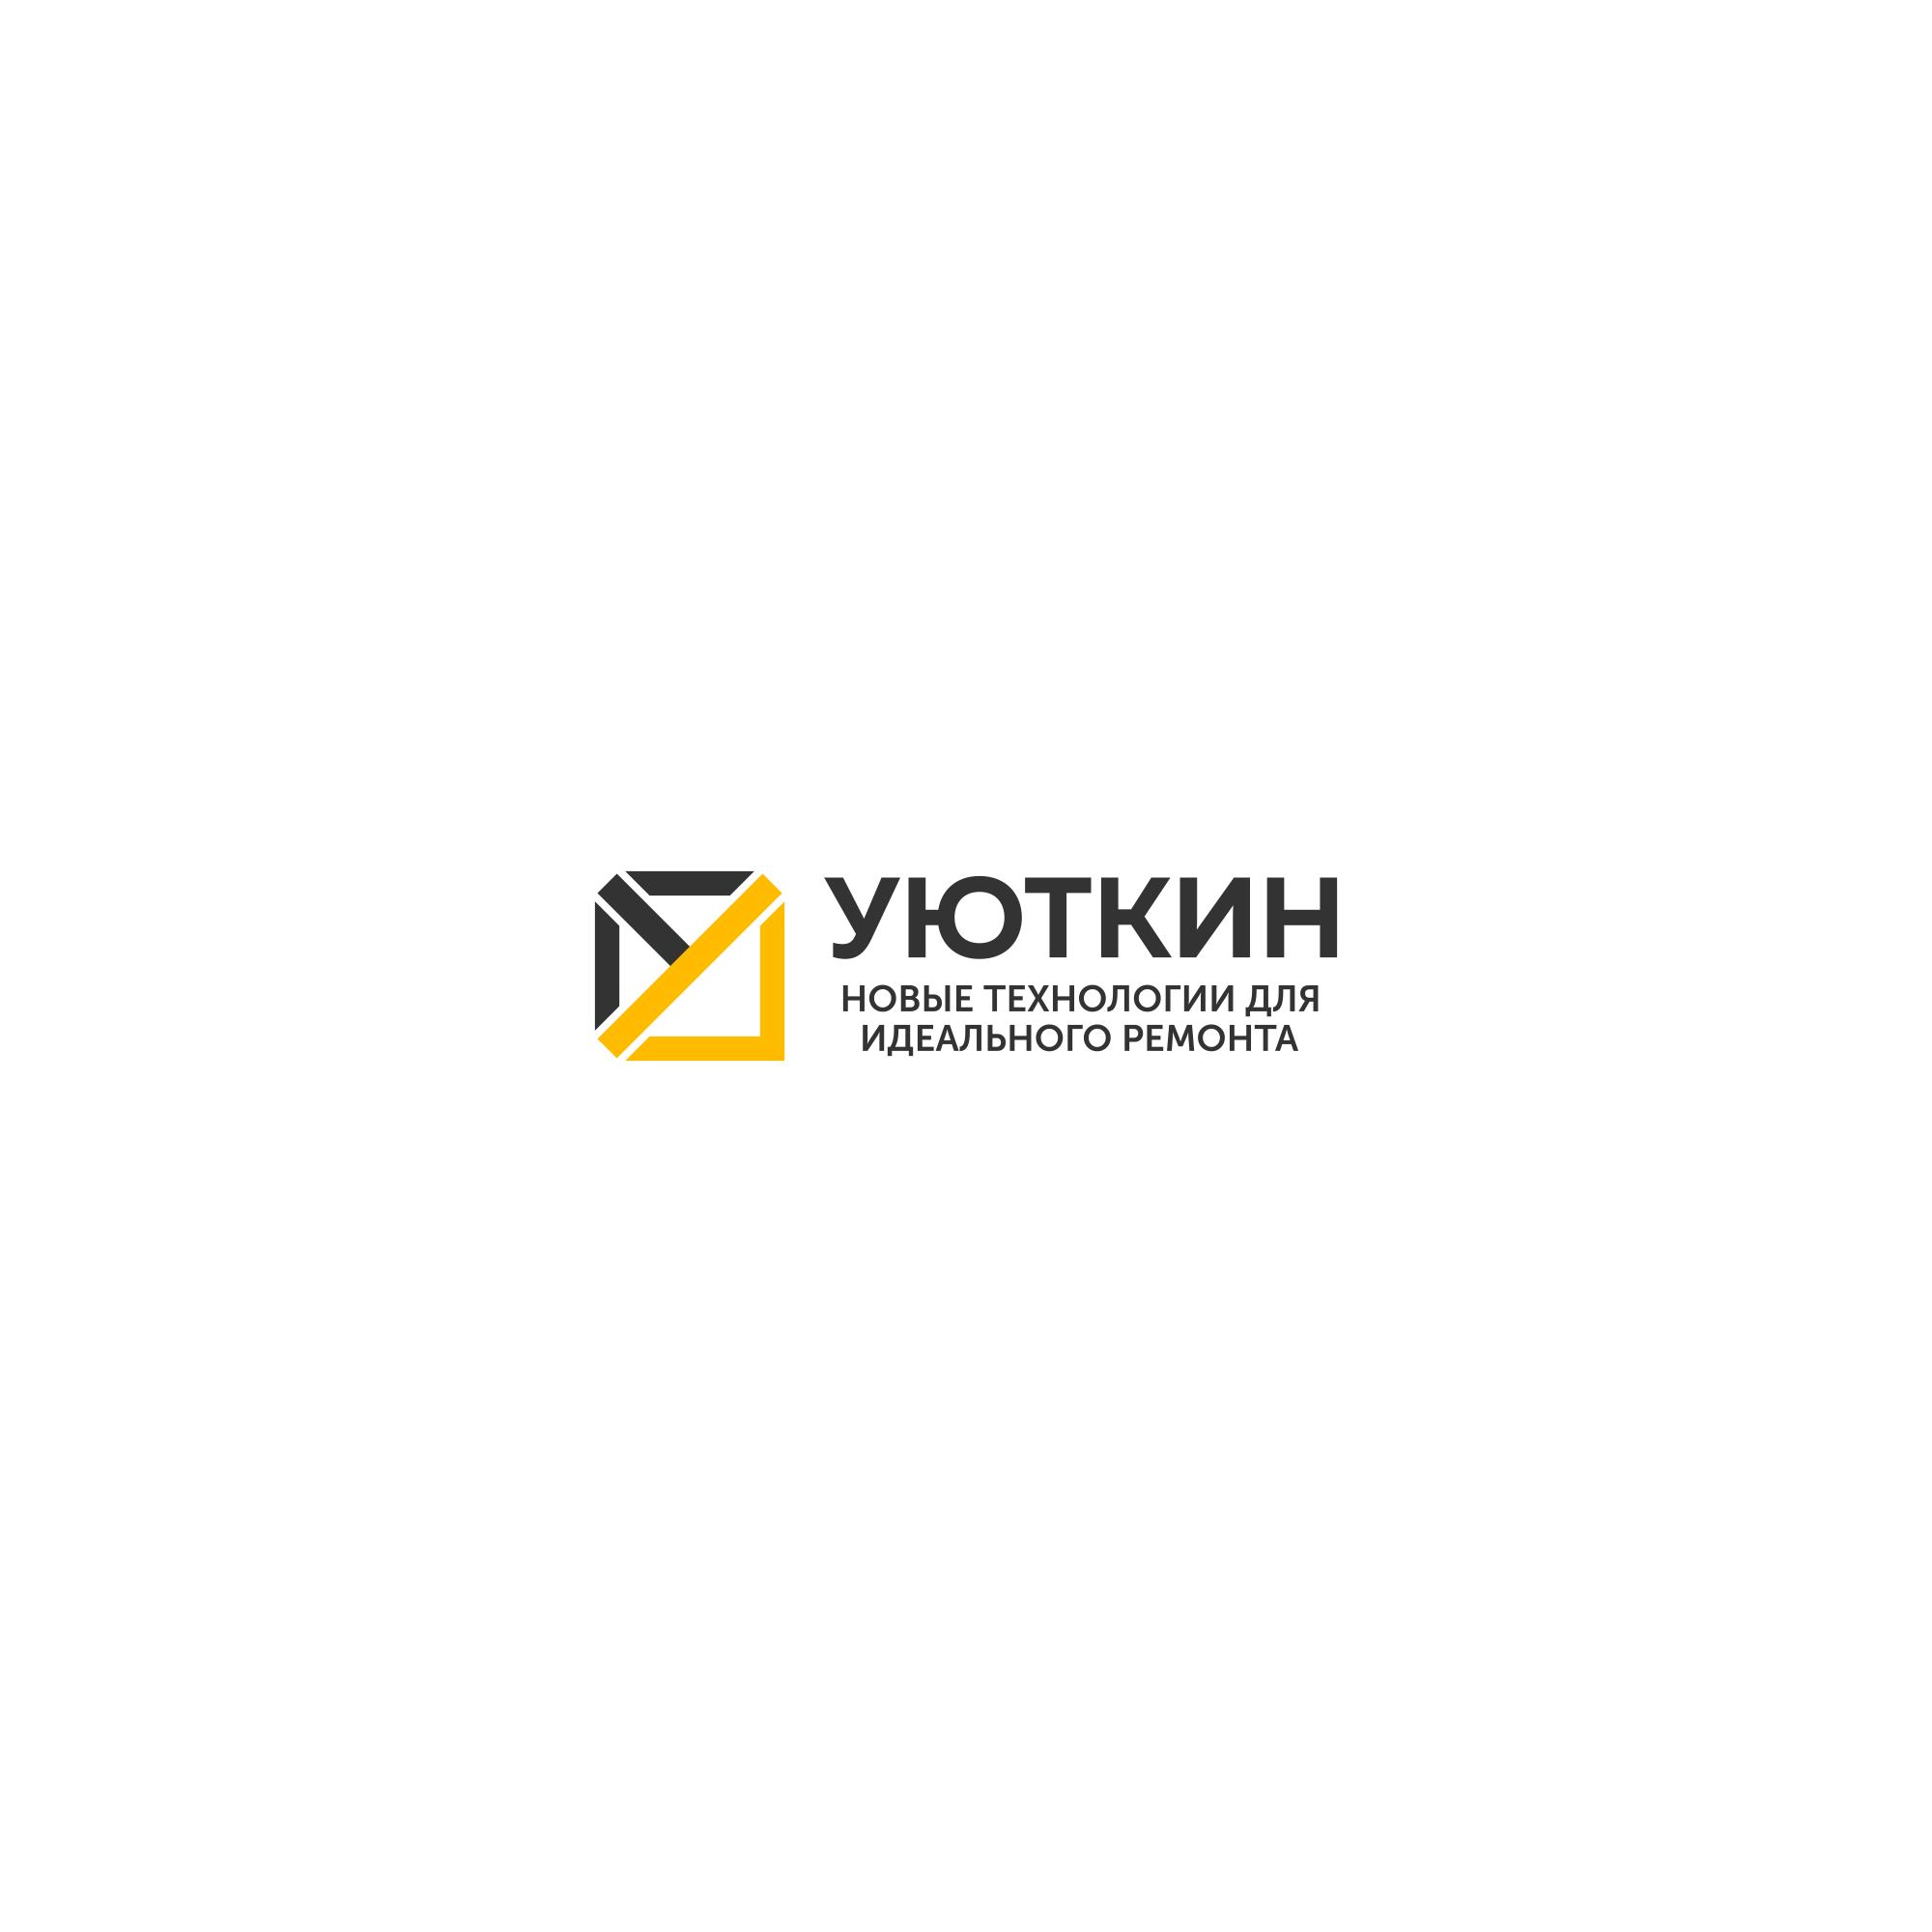 Создание логотипа и стиля сайта фото f_4095c63df8978b3e.png